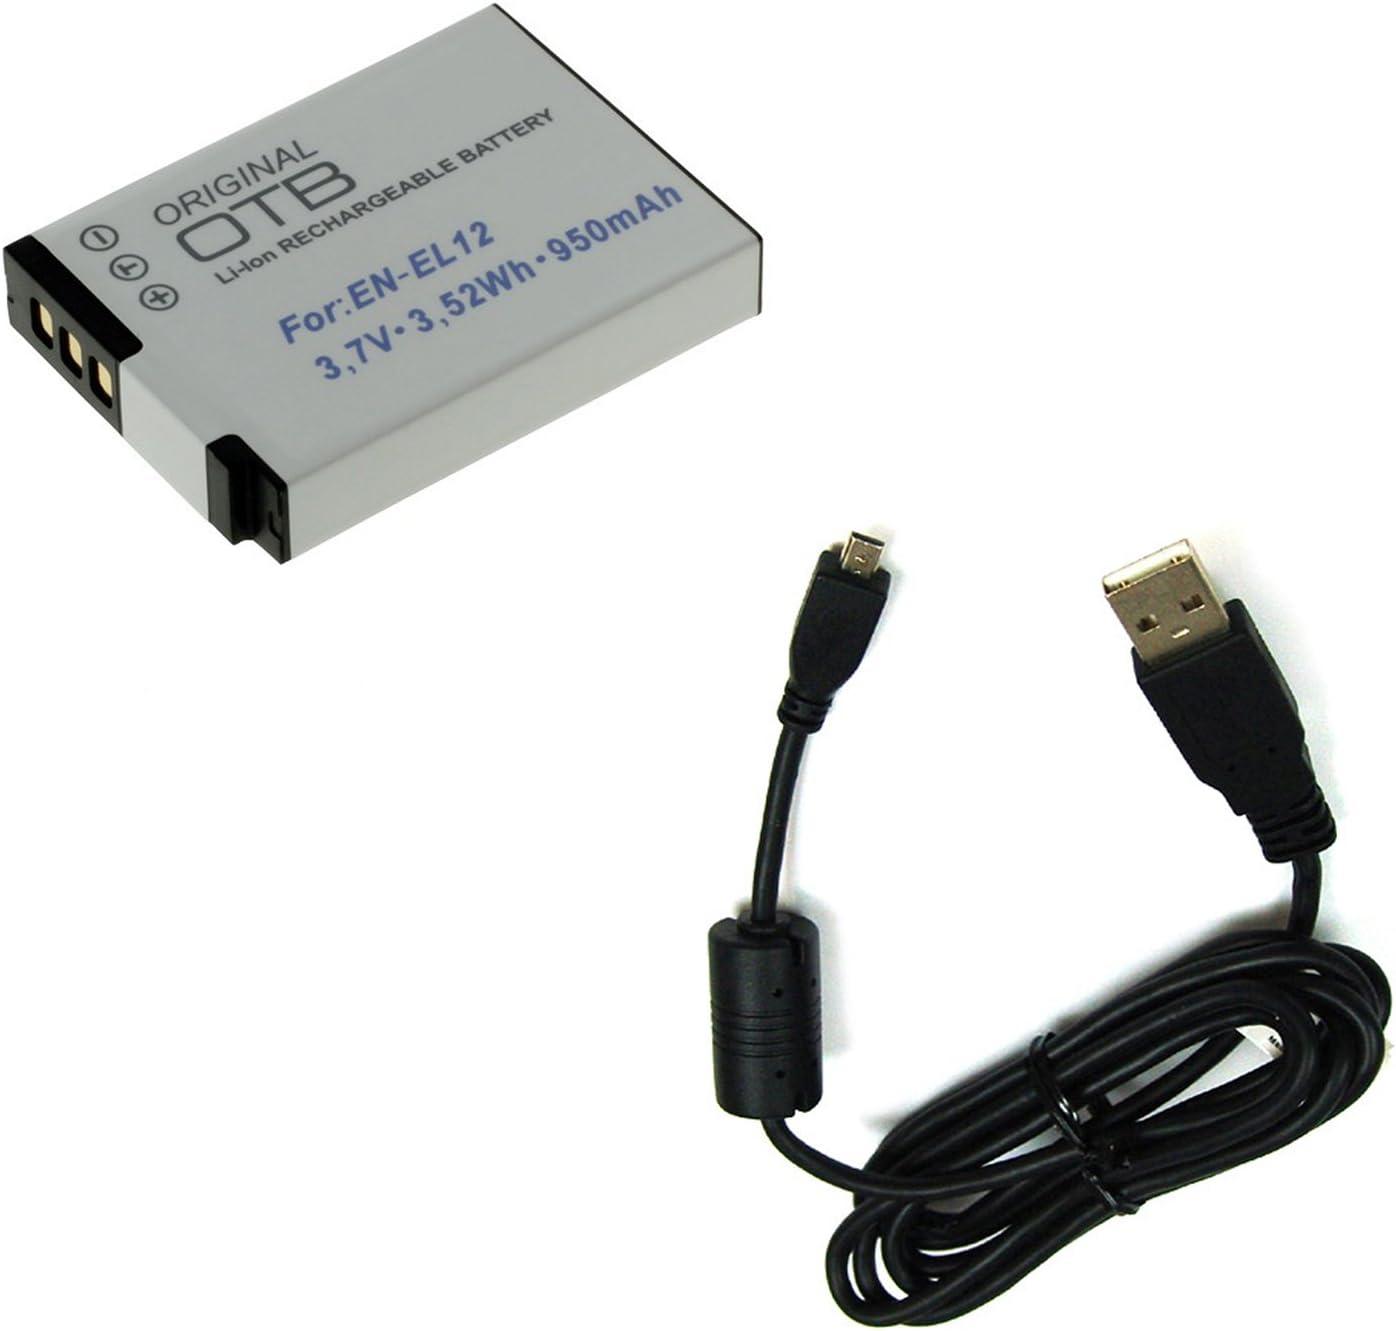 BG de akku24batería y cable de carga, cable de datos, cable USB para Nikon Coolpix S6200, S6300, S6500, S6600, S8000, S8200, S9200, S9300, S9400, S9500